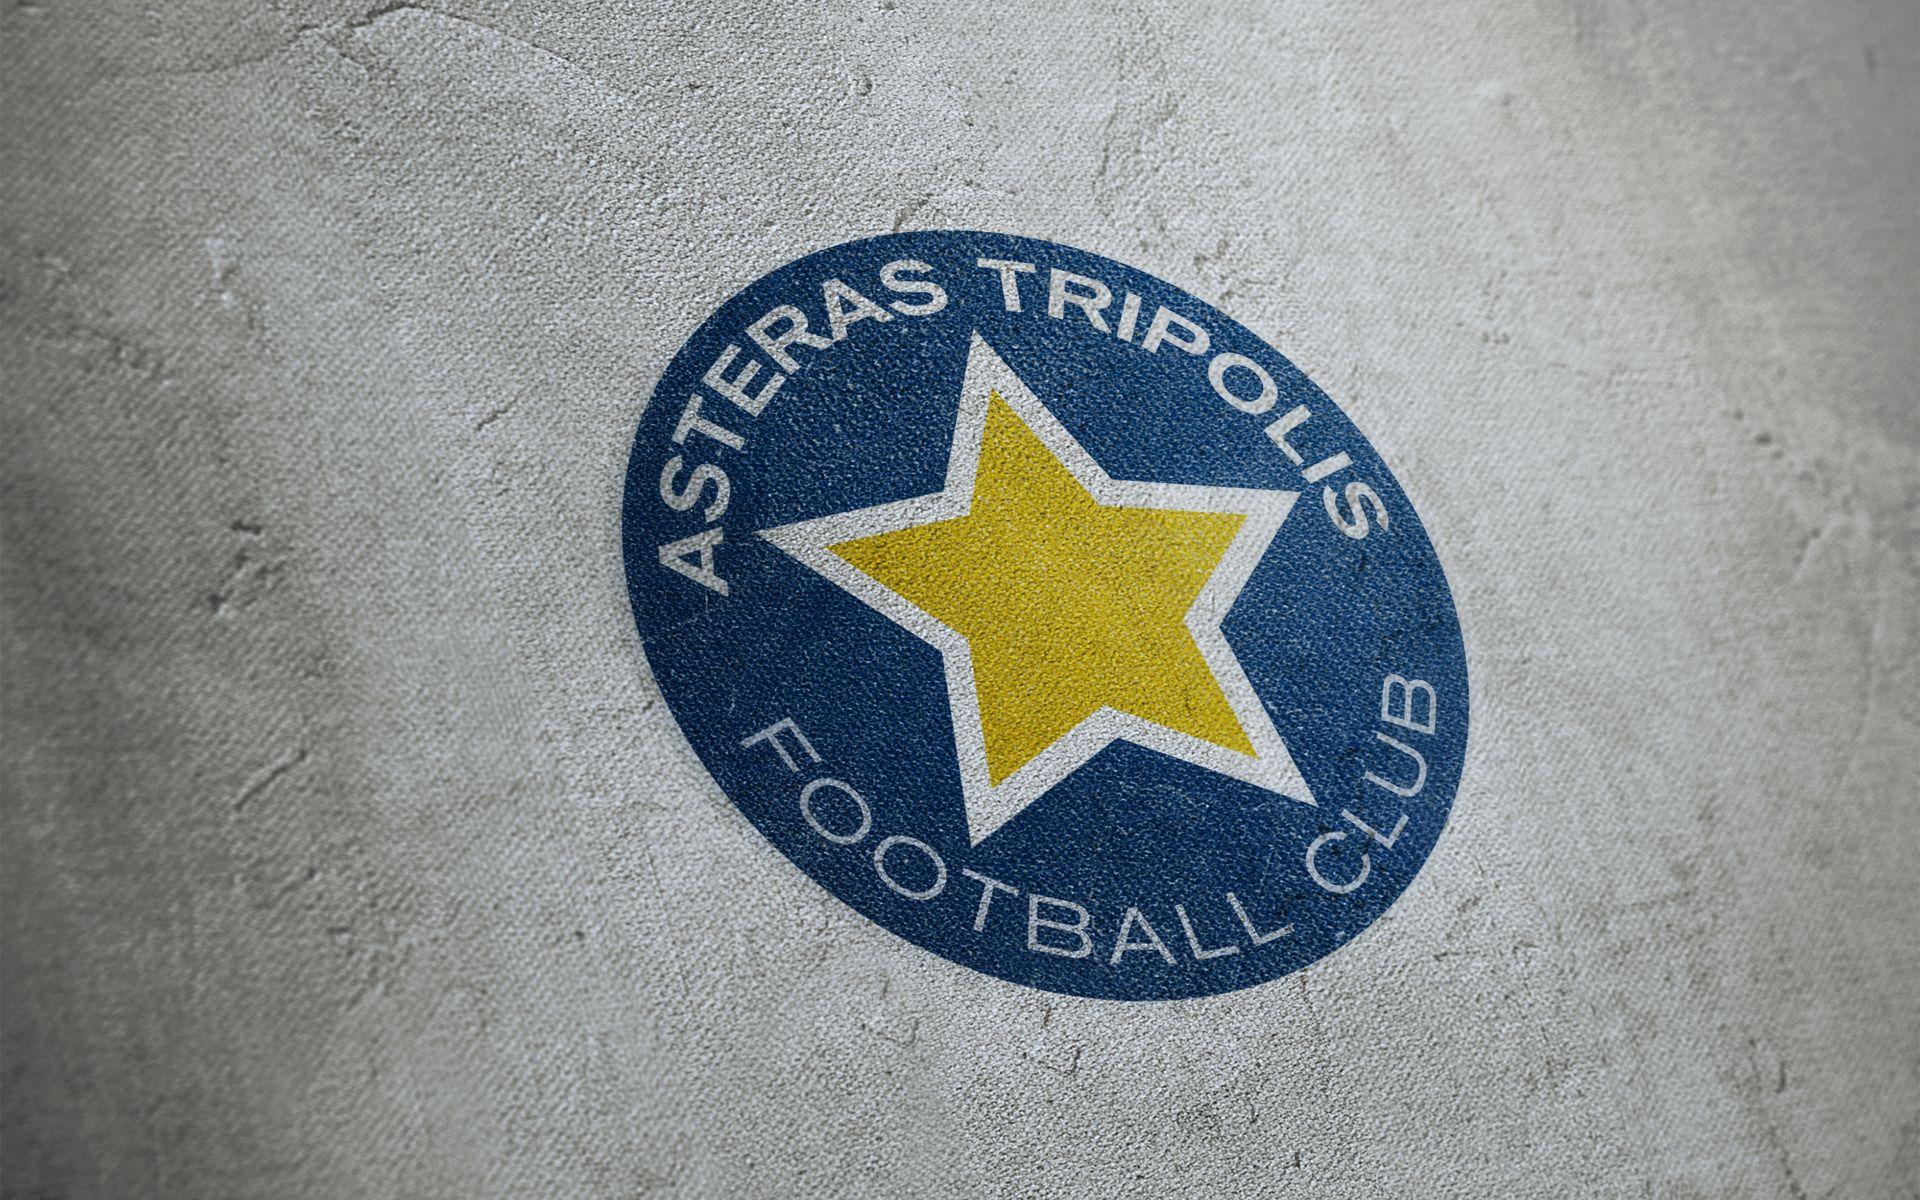 ΑΝΑΚΟΙΝΩΣΗ: Το ποδόσφαιρο ανήκει στους φιλάθλους κι όχι στον υπόκοσμο